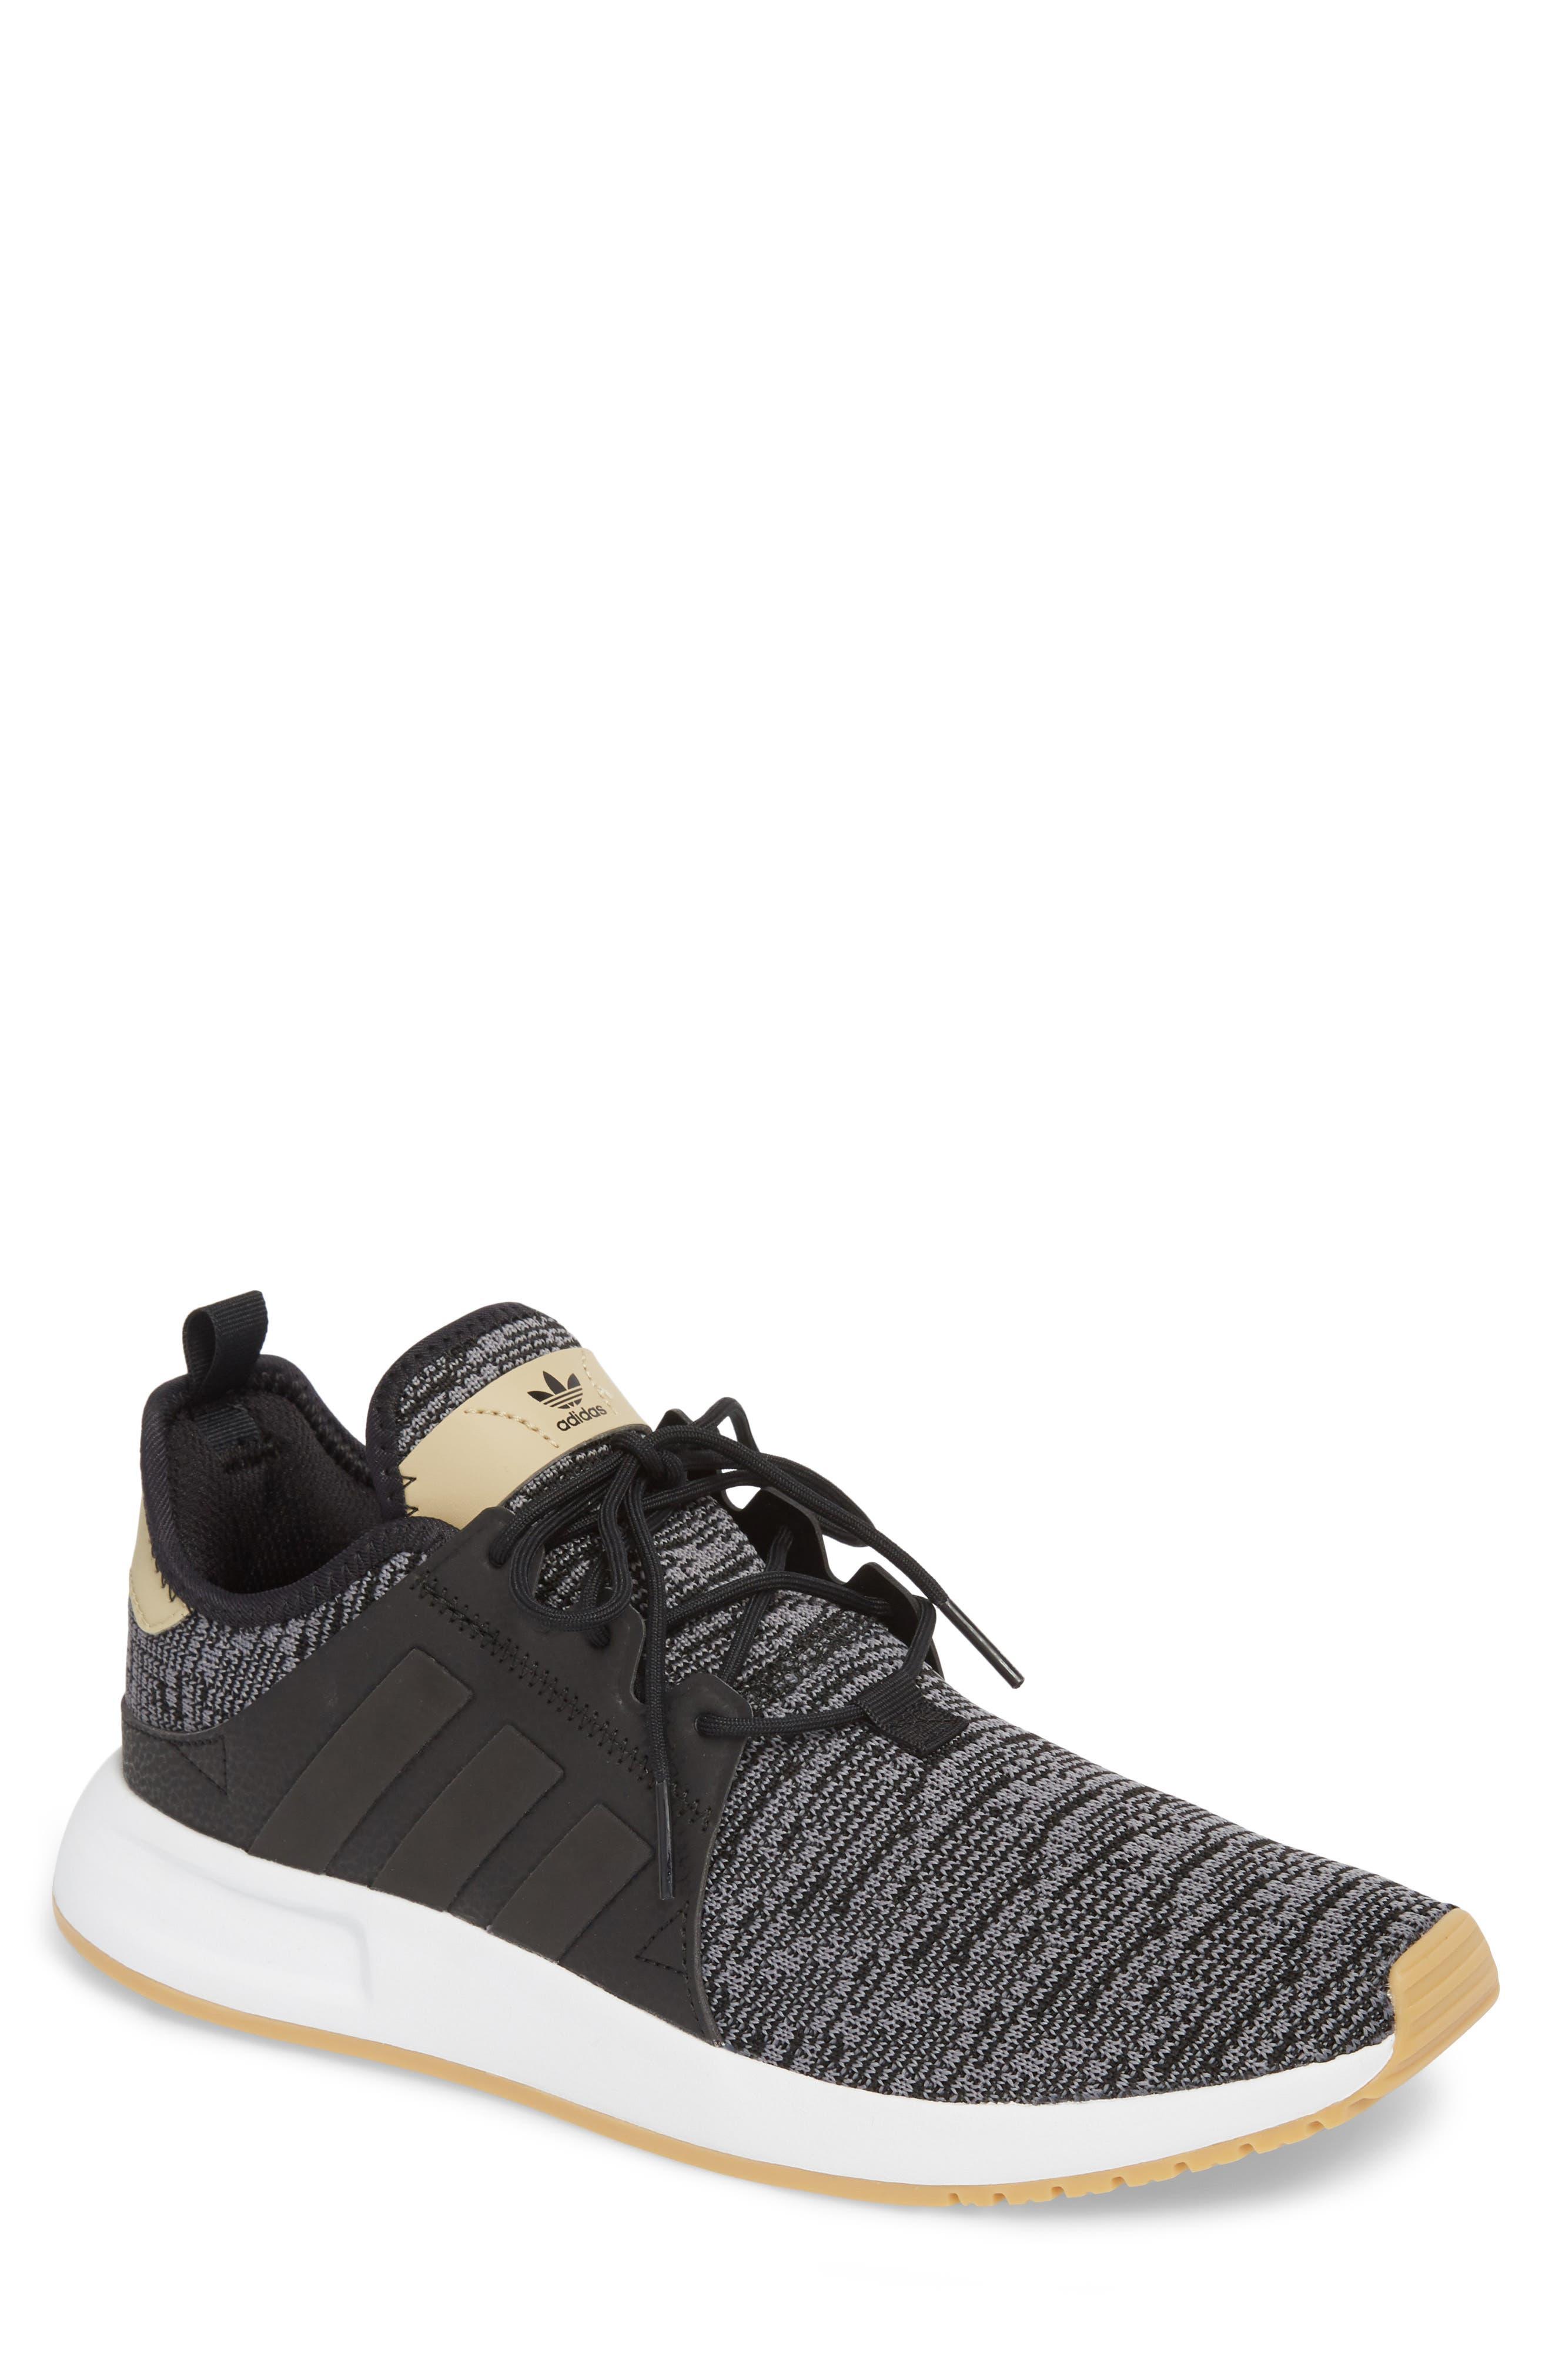 X_PLR Sneaker,                             Main thumbnail 1, color,                             001